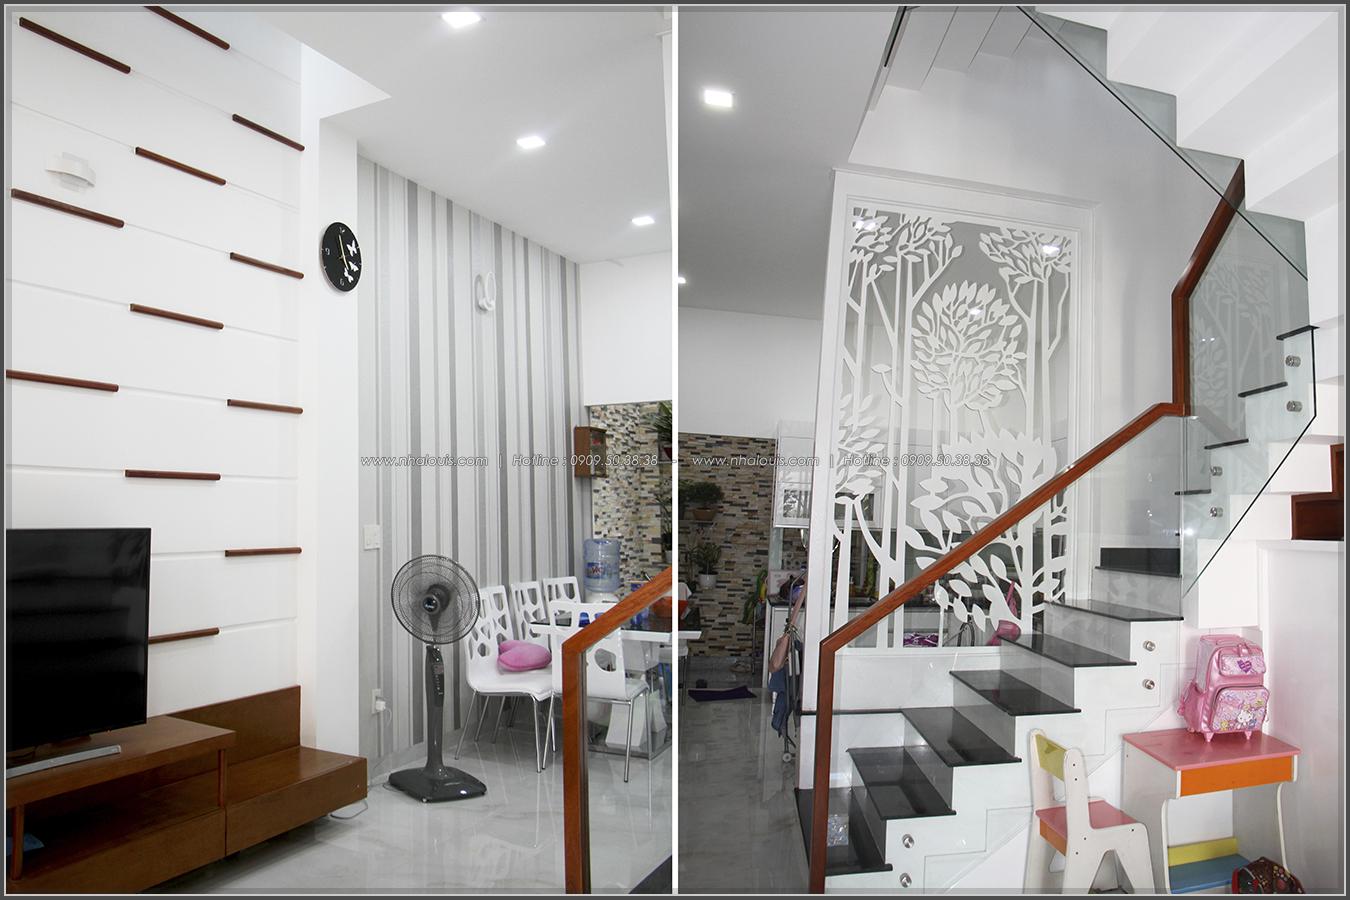 Thi công xây dựng nhà phố phong cách hiện đại cao 3 tầng tại Tân Phú - 04